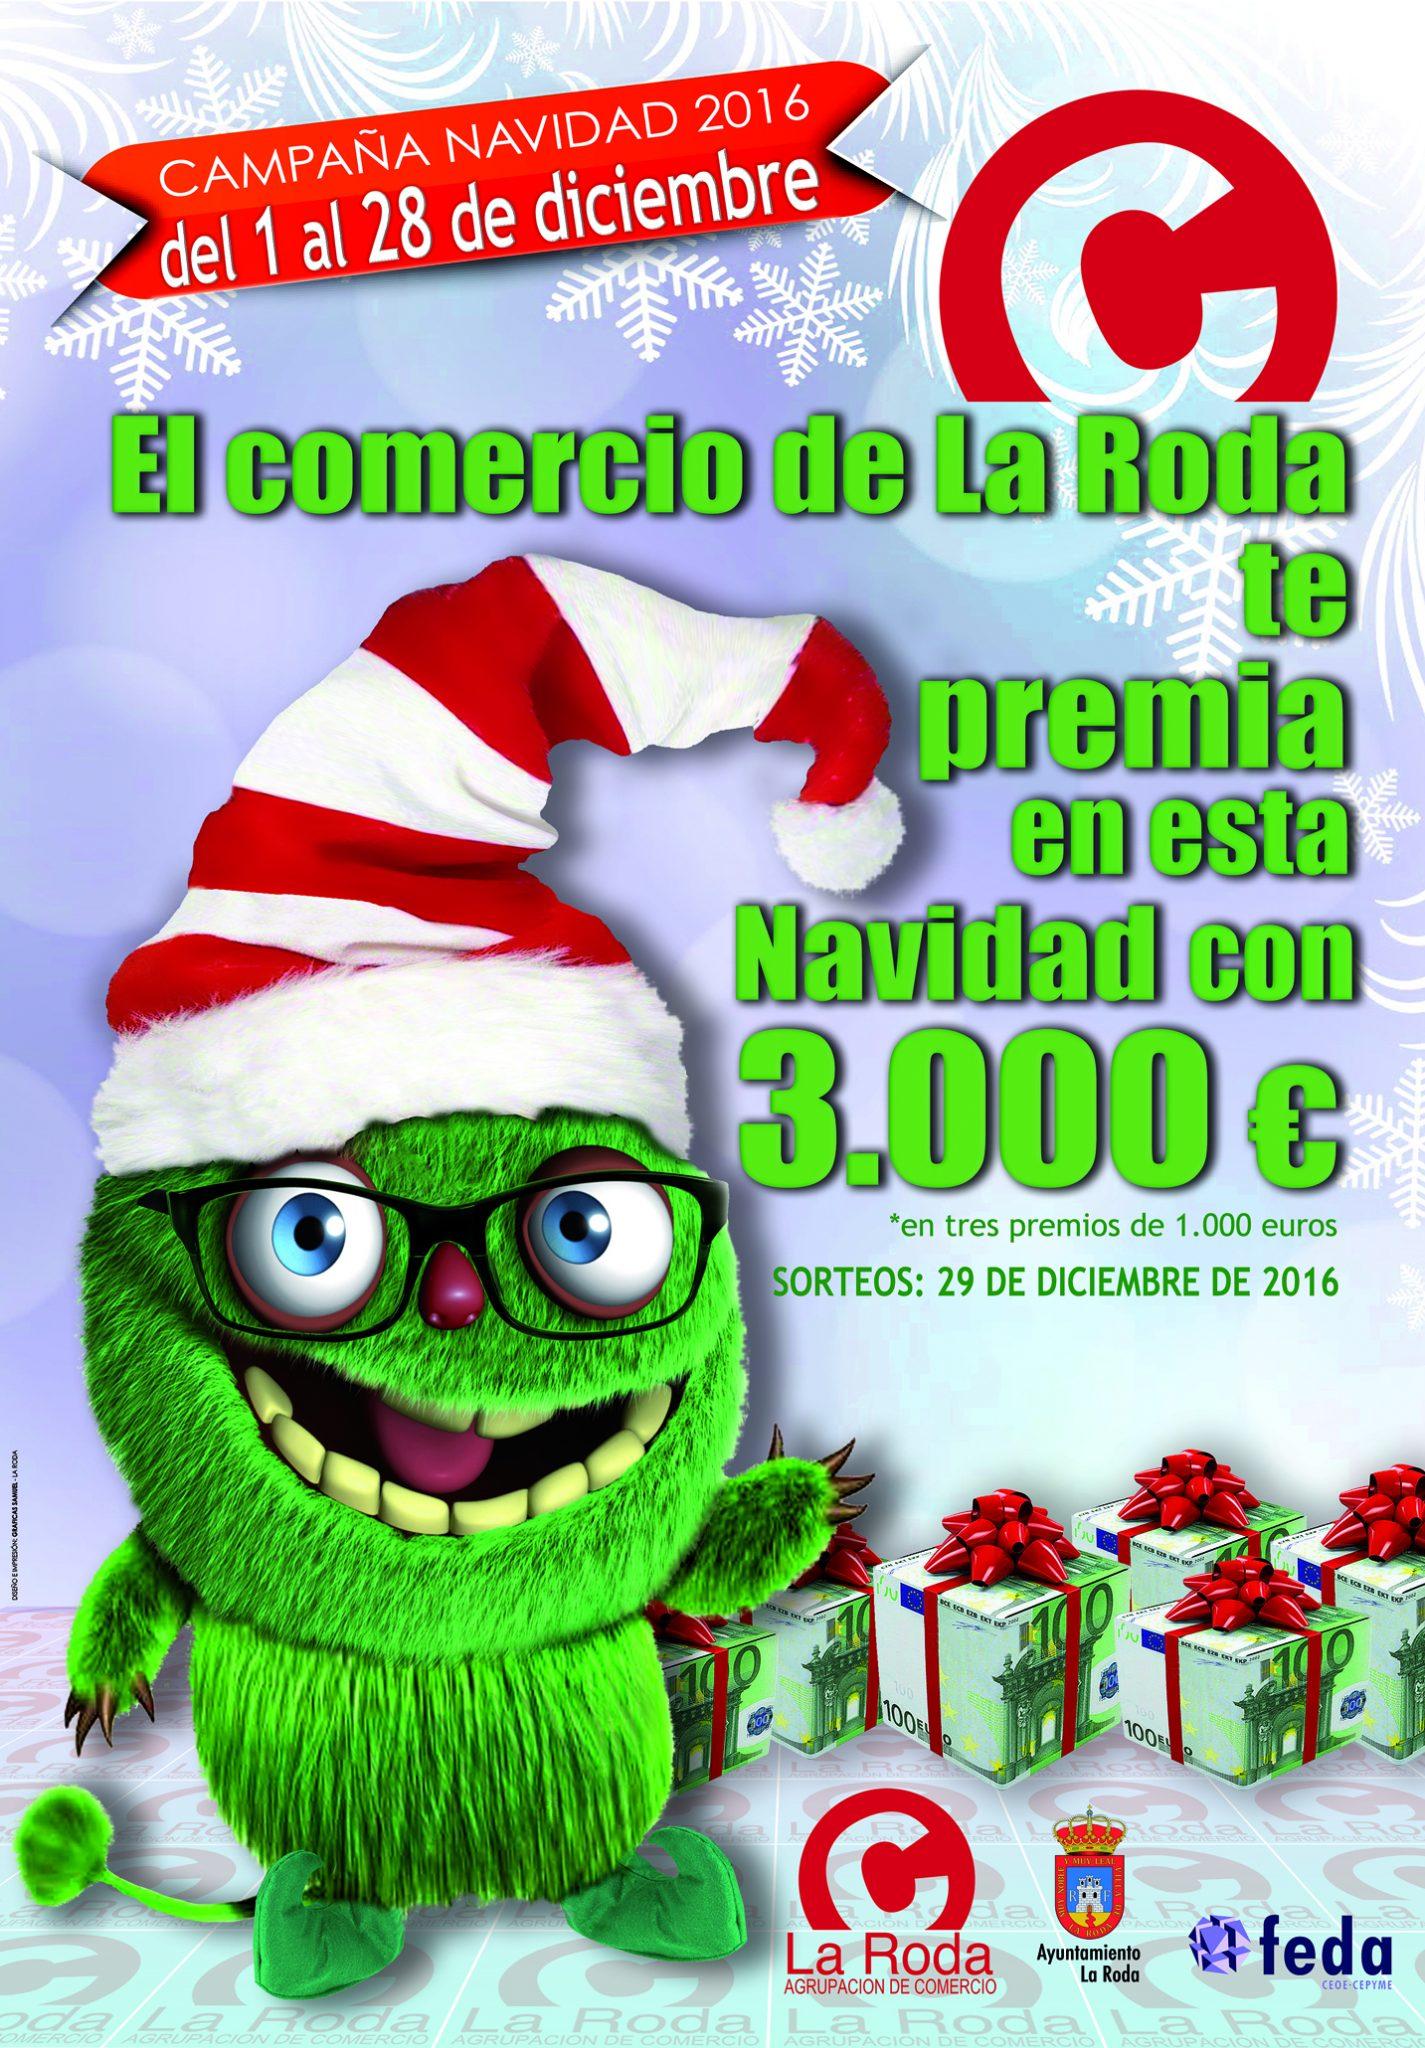 Cartel Campaña De Navidad Del Comercio De La Roda